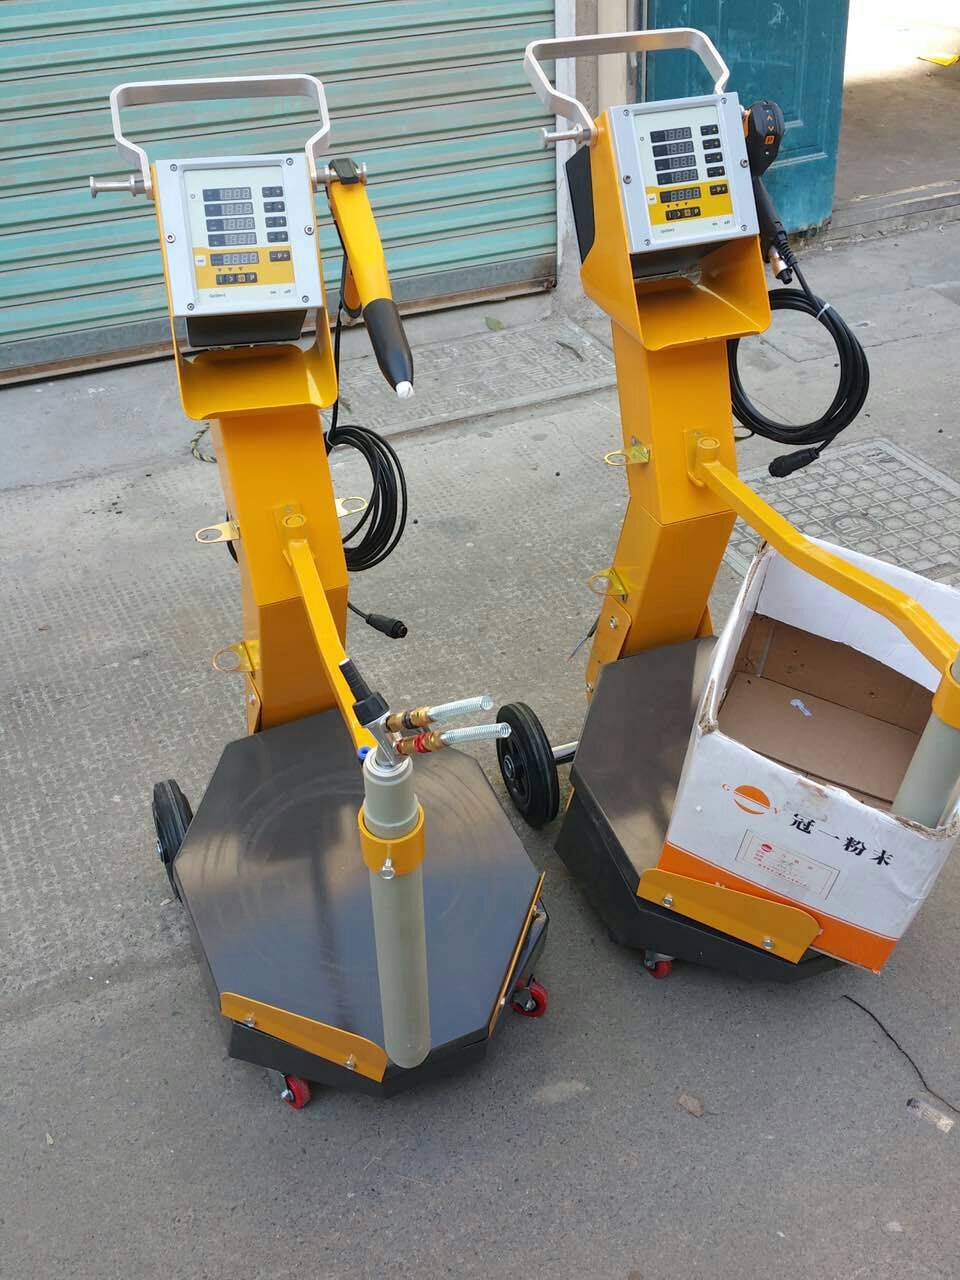 مربع اهتزازي تغذية كهرباء مسحوق آلة طلاء الدعاوى ل Optilex 2B